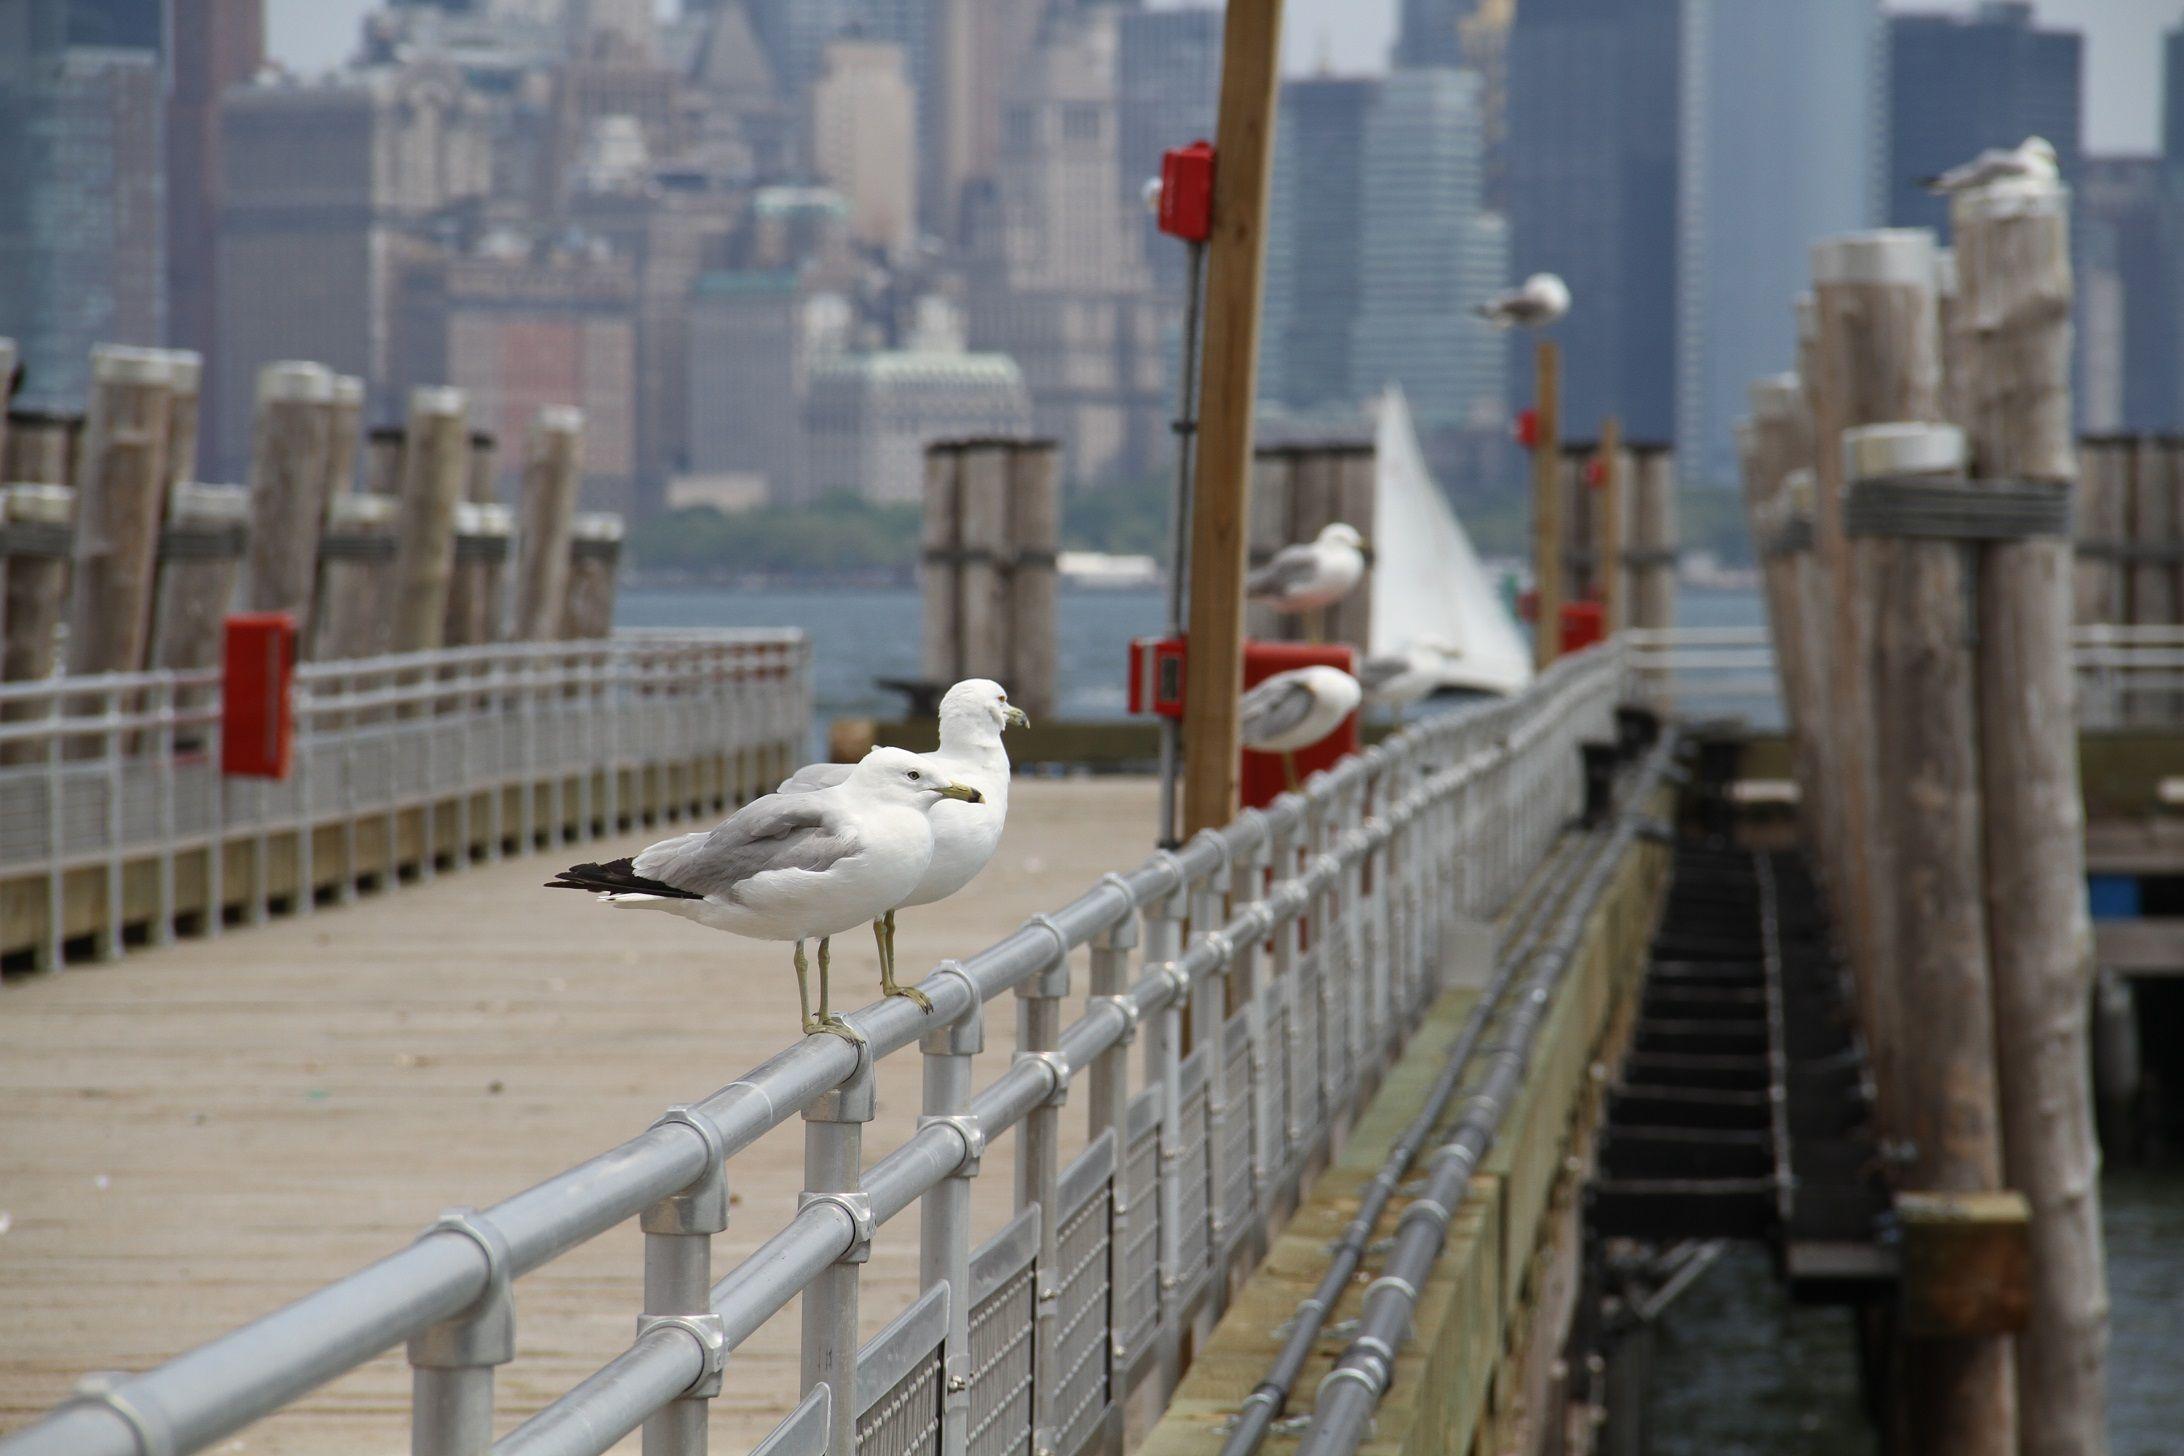 Gaviotas en el muelle de la isla. Al fondo Manhattan.